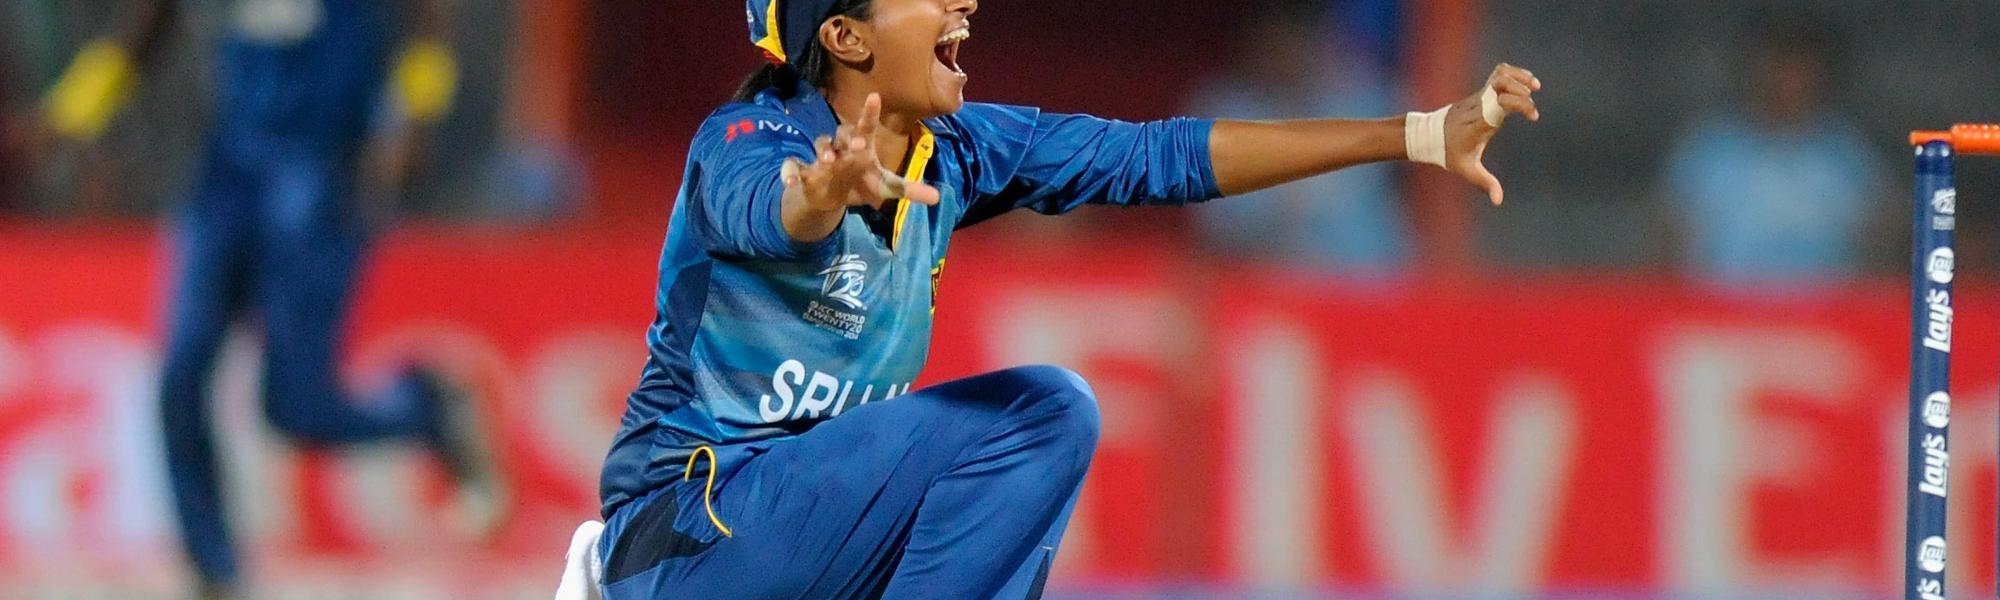 Sri Lanka Women's Shashikala Siriwardene